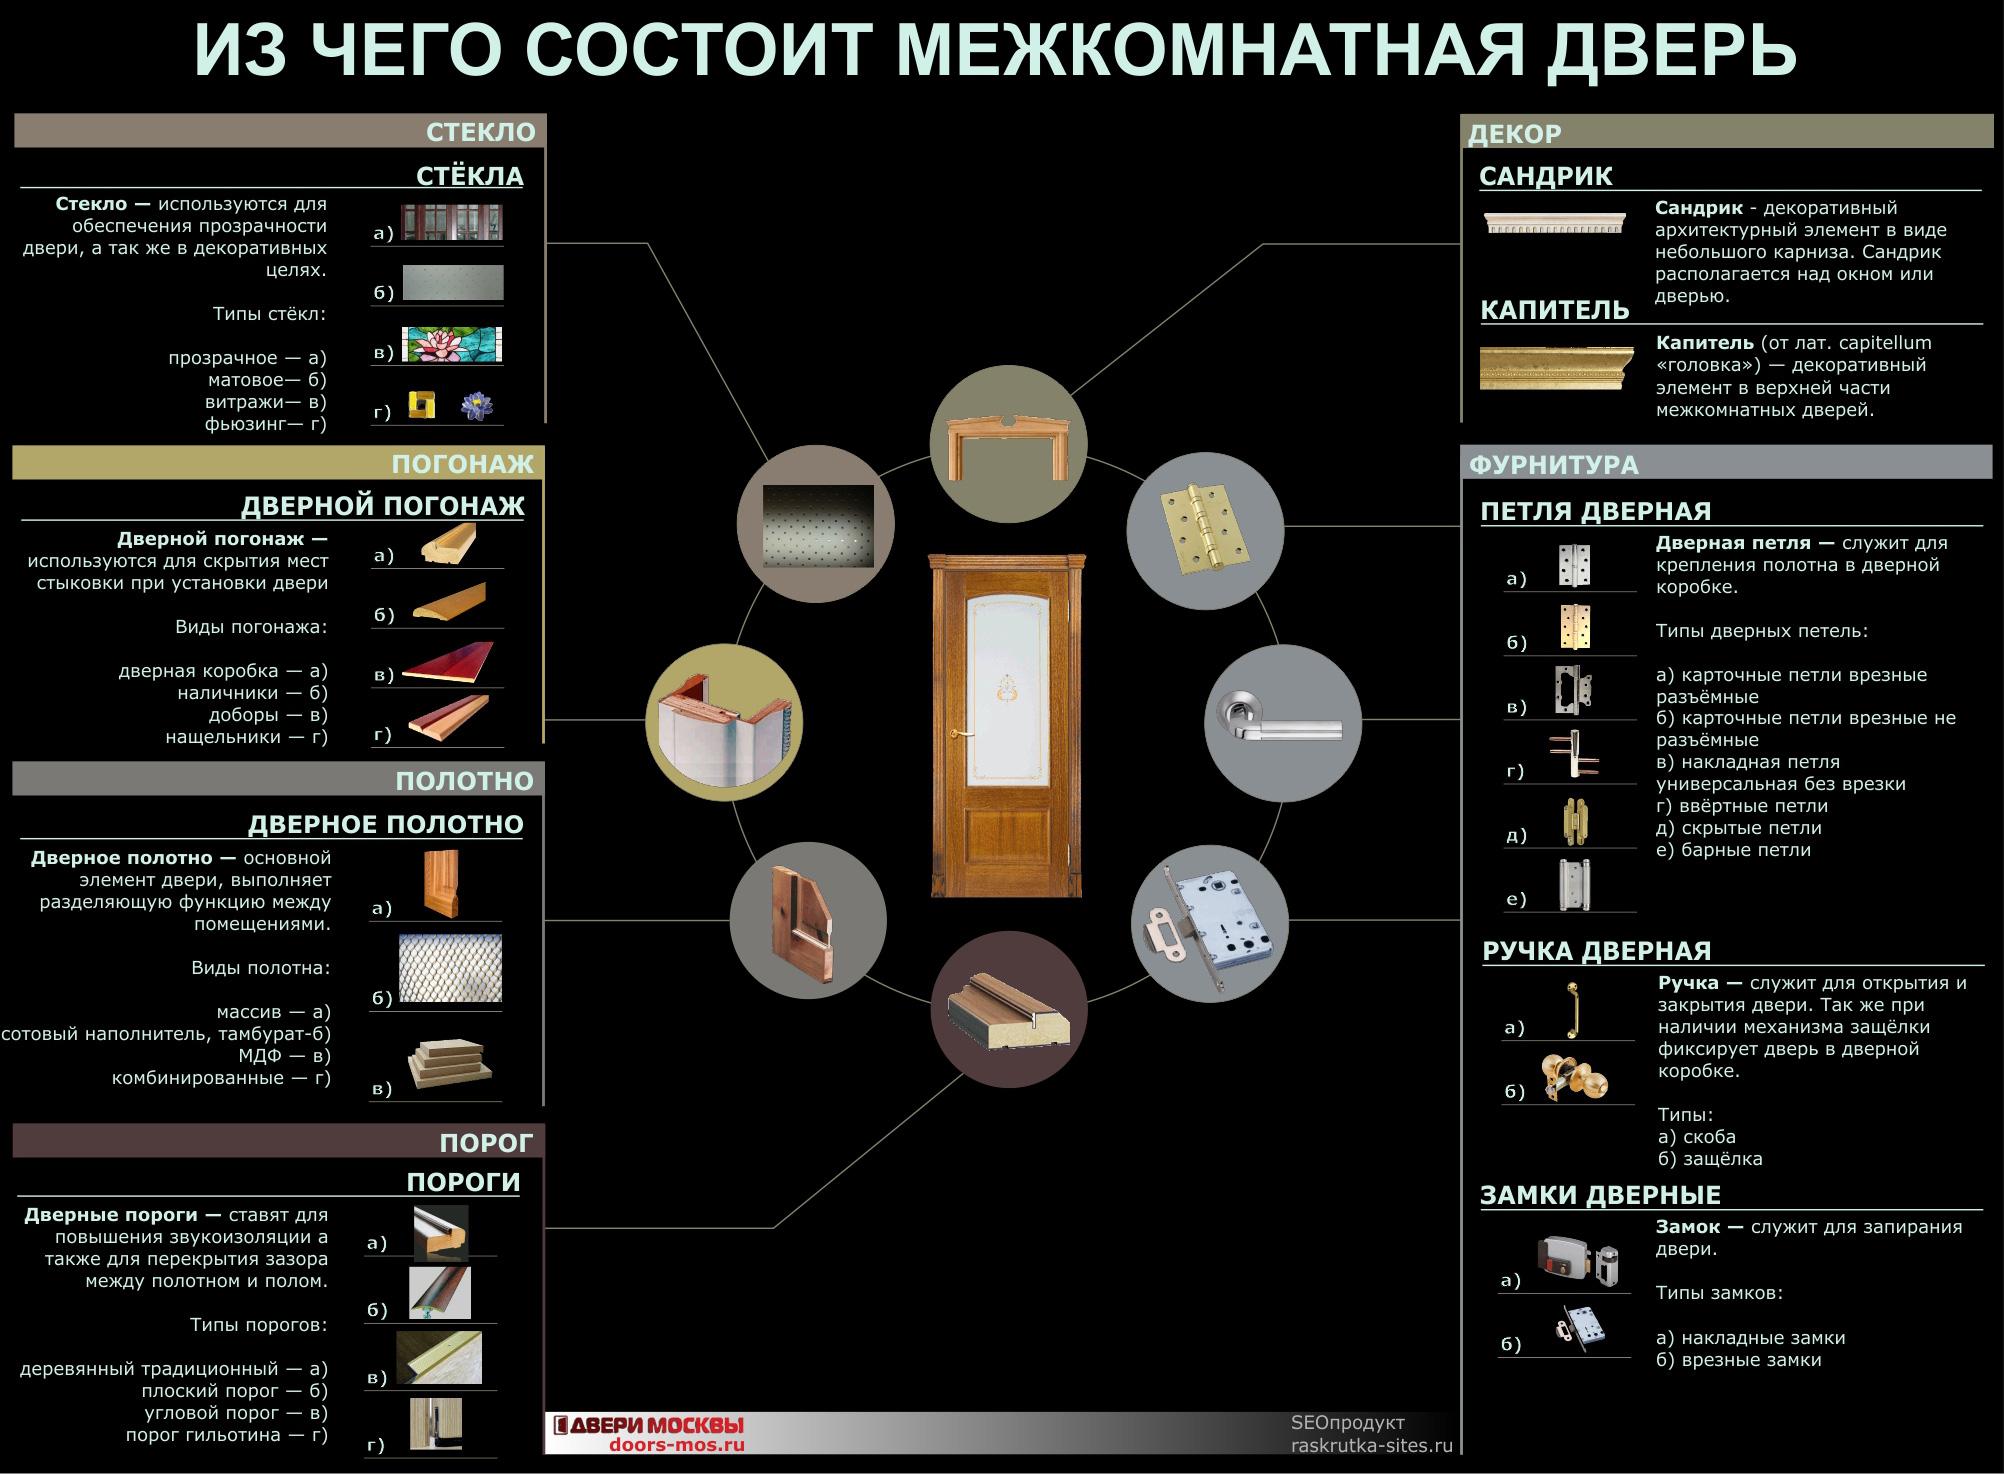 какие межкомнатные двери инфографика